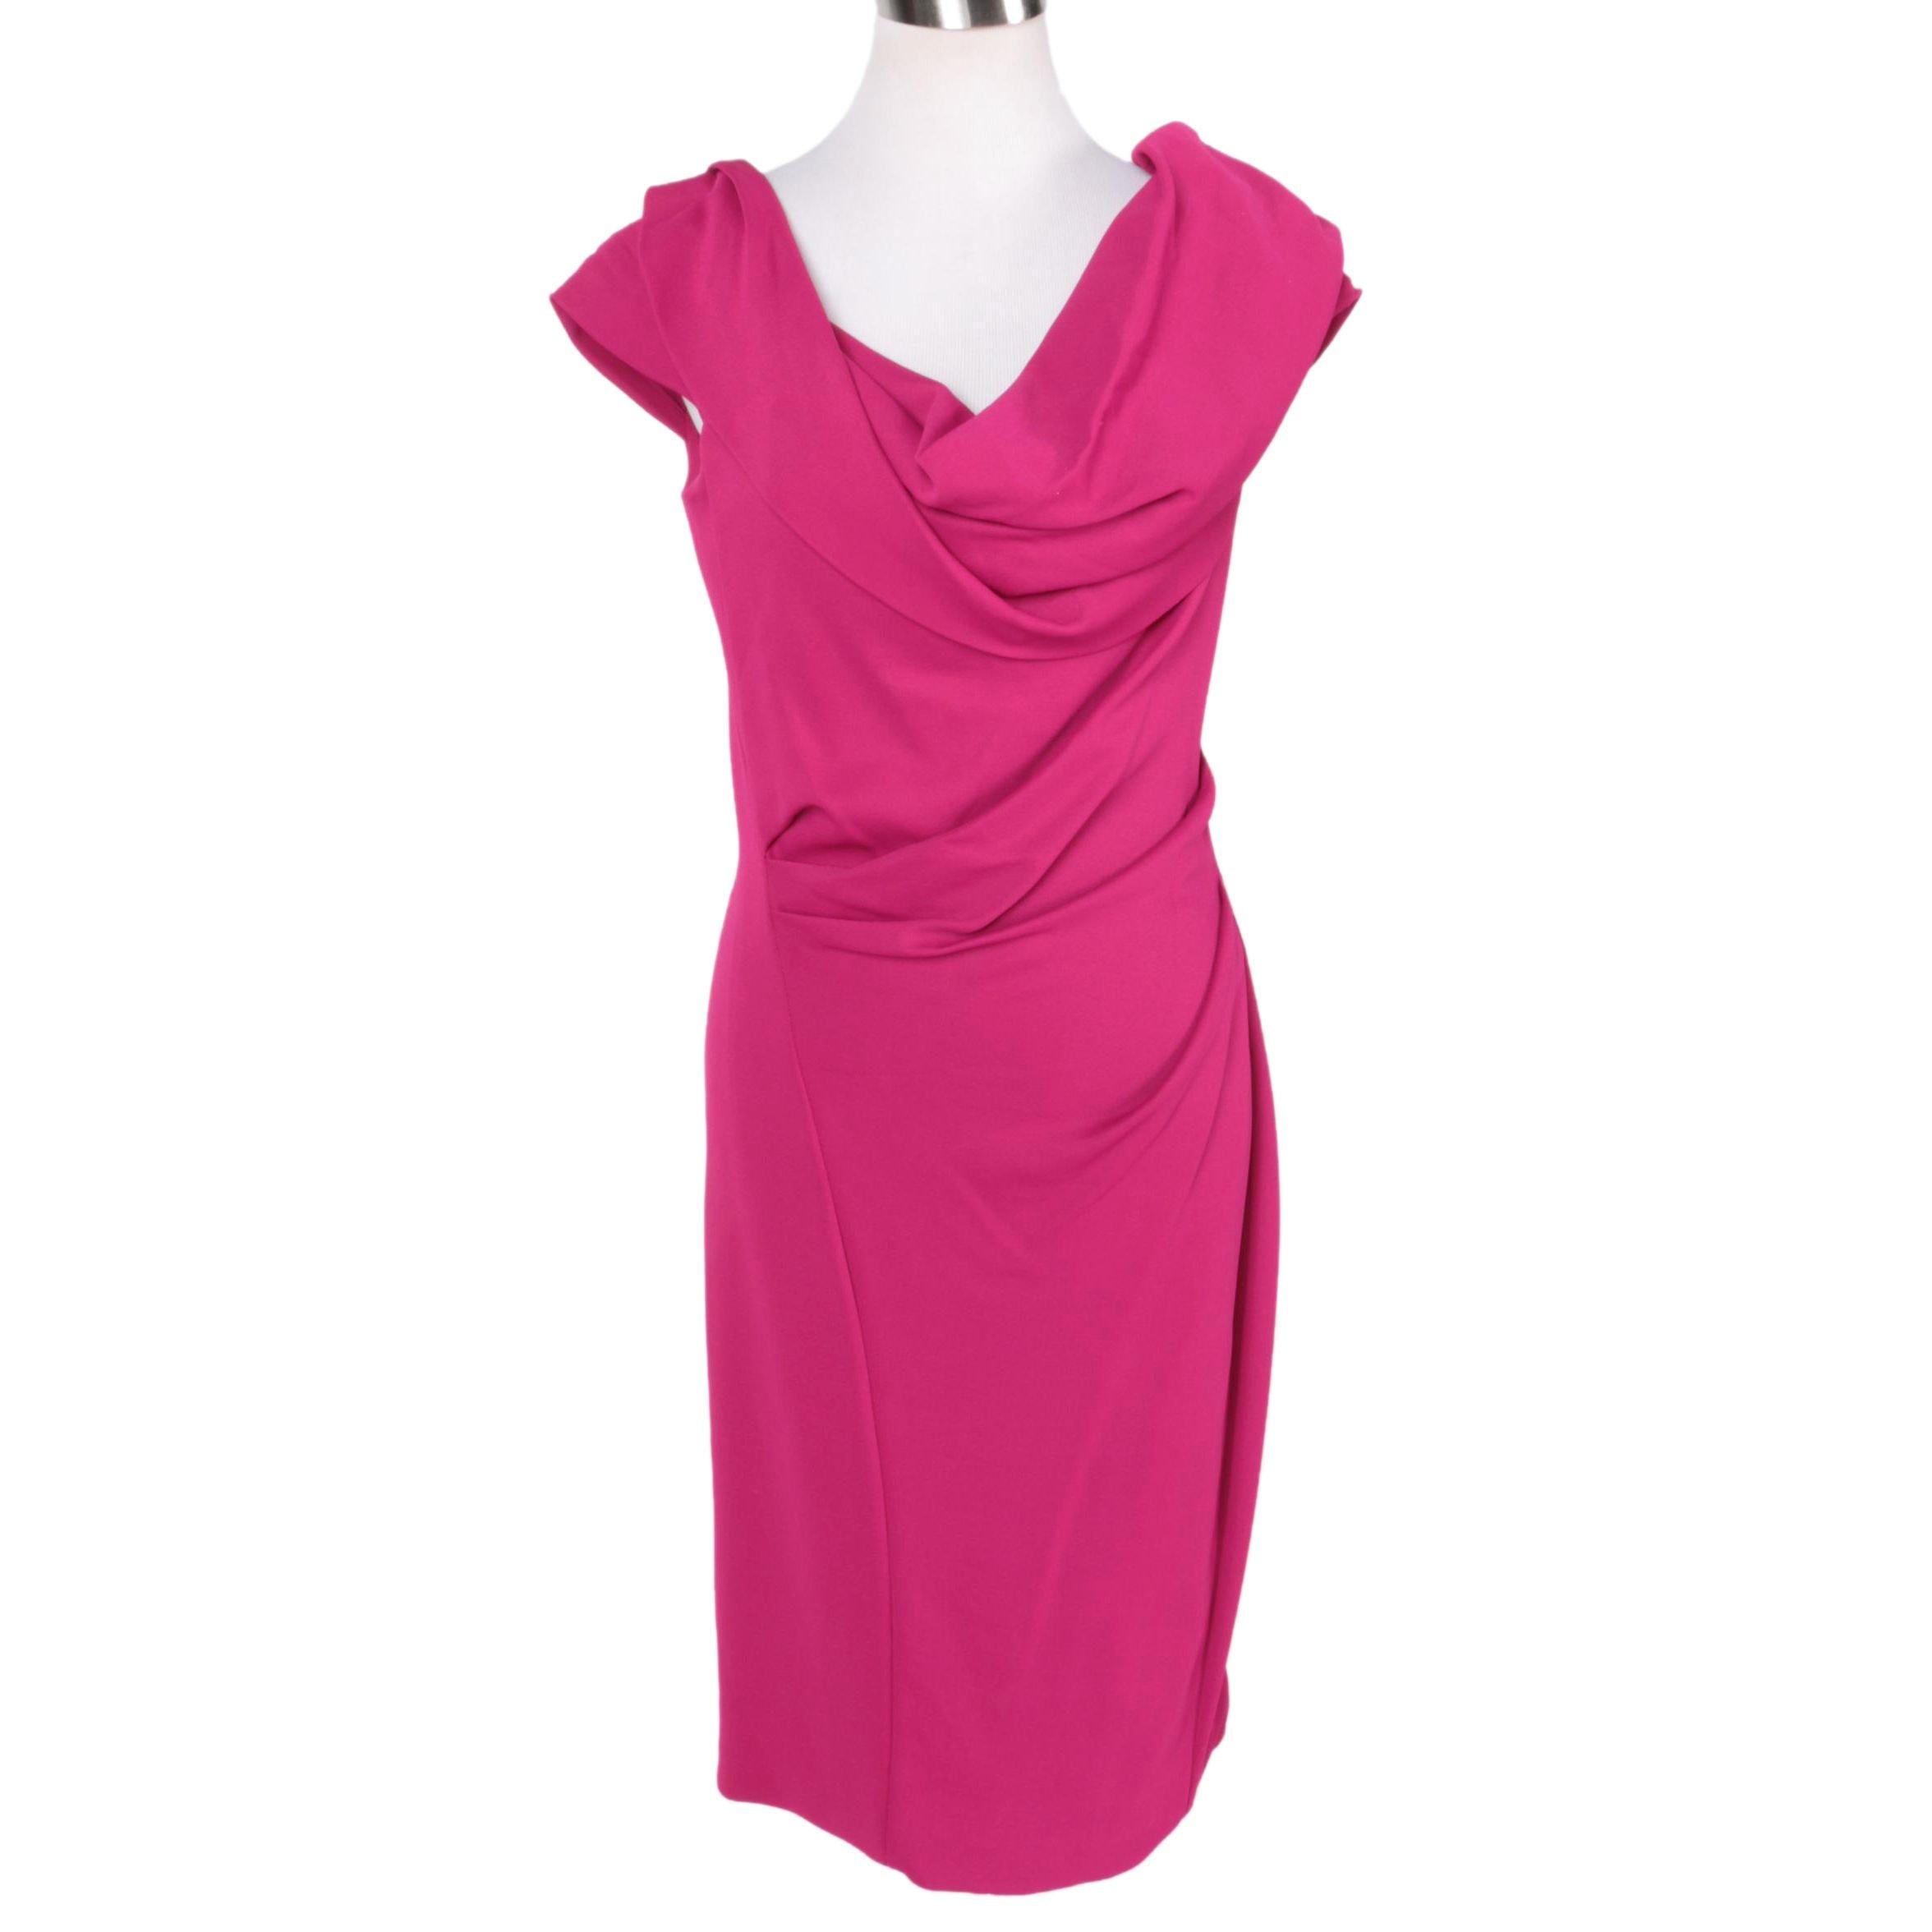 Donna Karan Fuchsia Sheath Dress